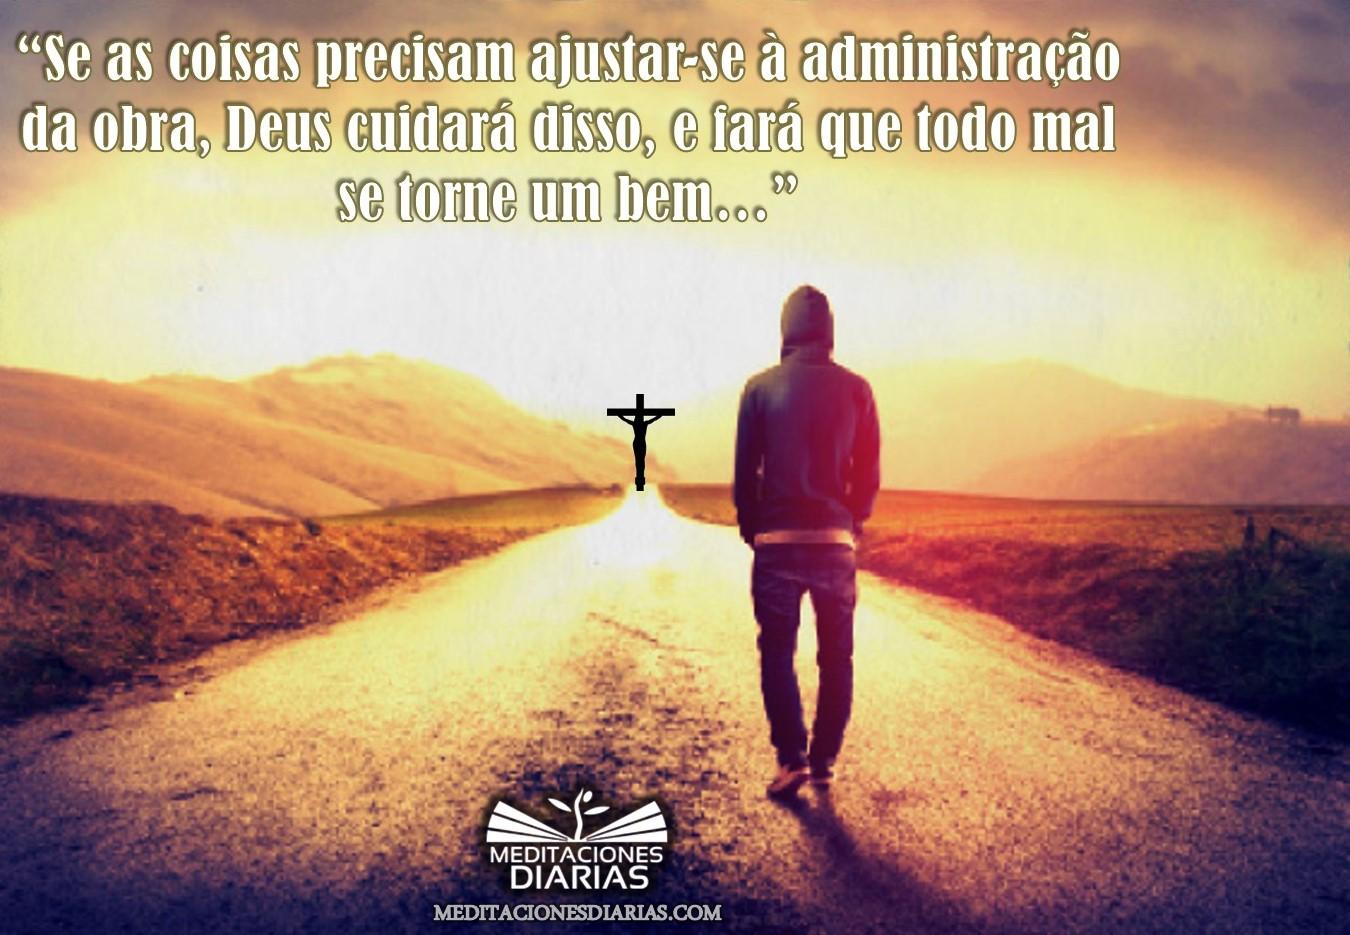 Deus guiará seu povo